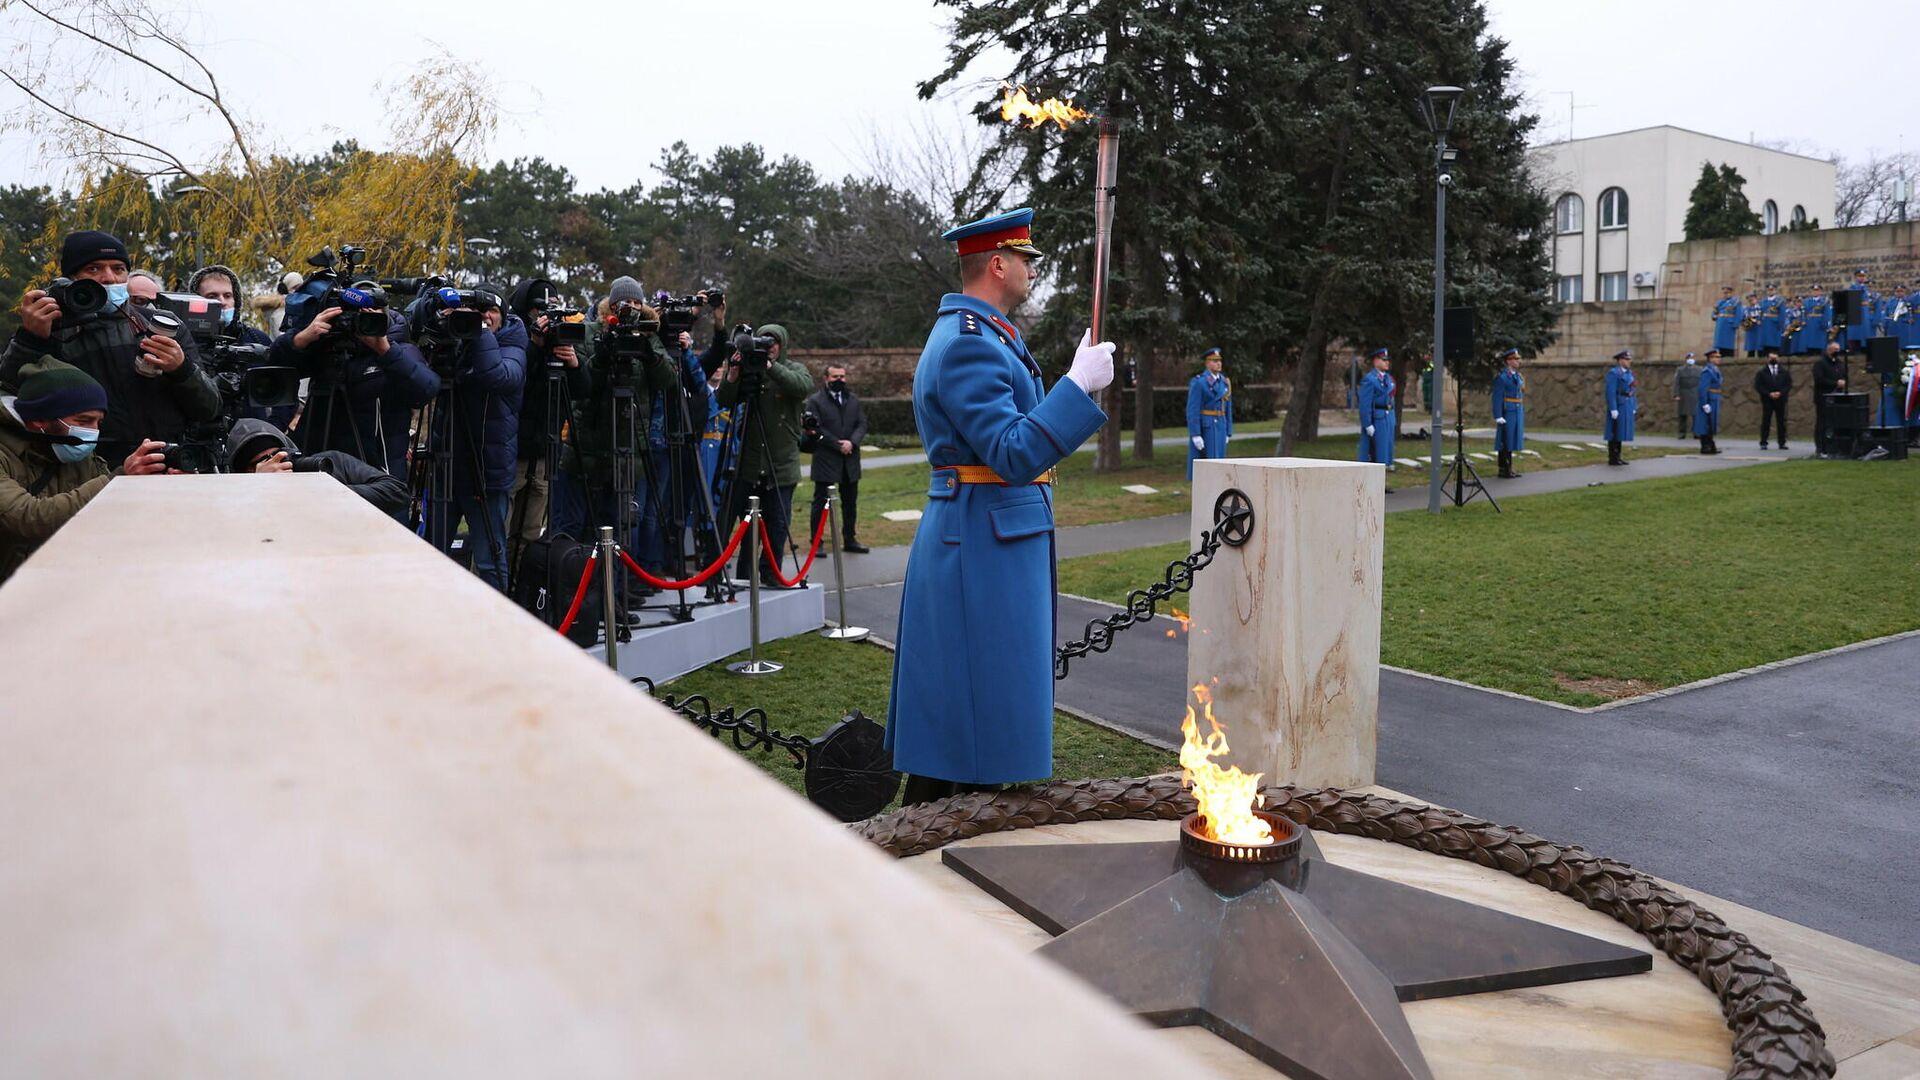 Церемония зажжения Вечного огня на Кладбище освободителей в Белграде, Сербия - РИА Новости, 1920, 04.01.2021